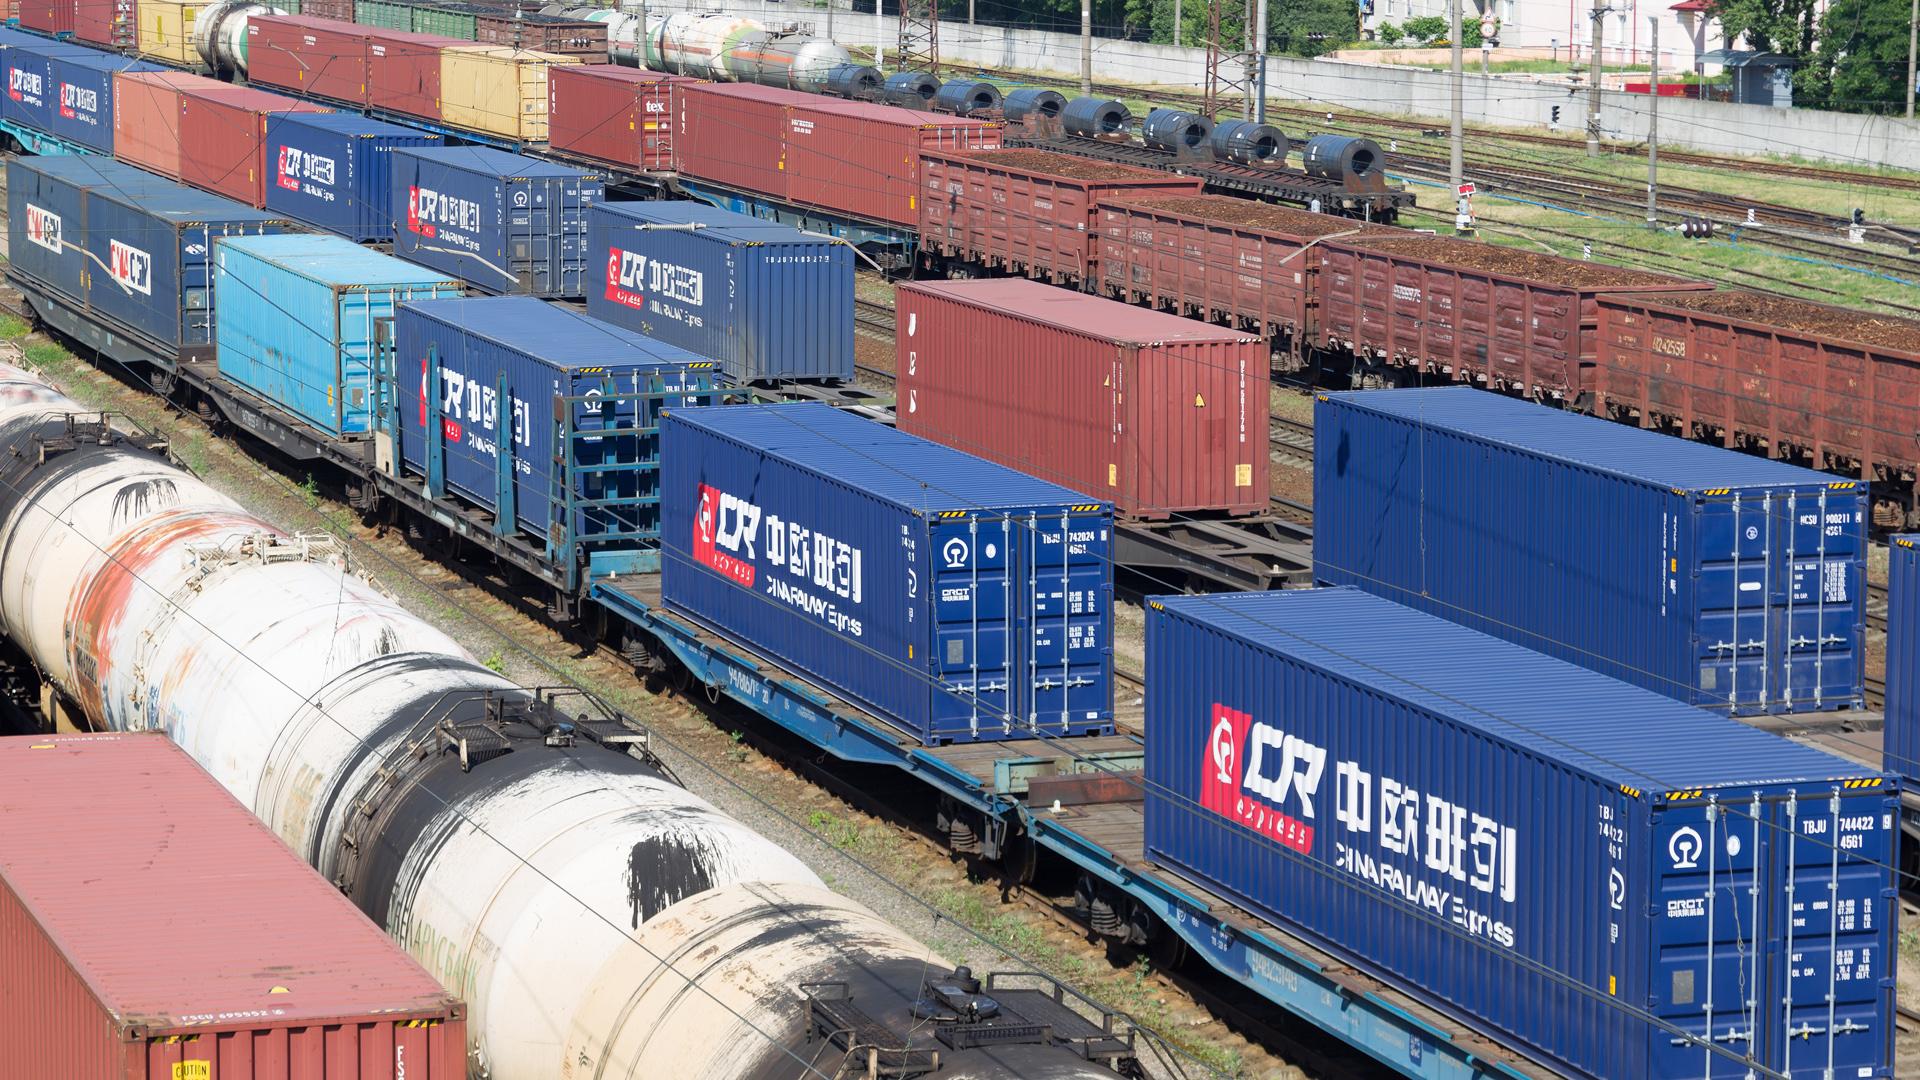 Железнодорожный транспорт показал самую низкую зависимость от проблем, связанных с covid-19 3